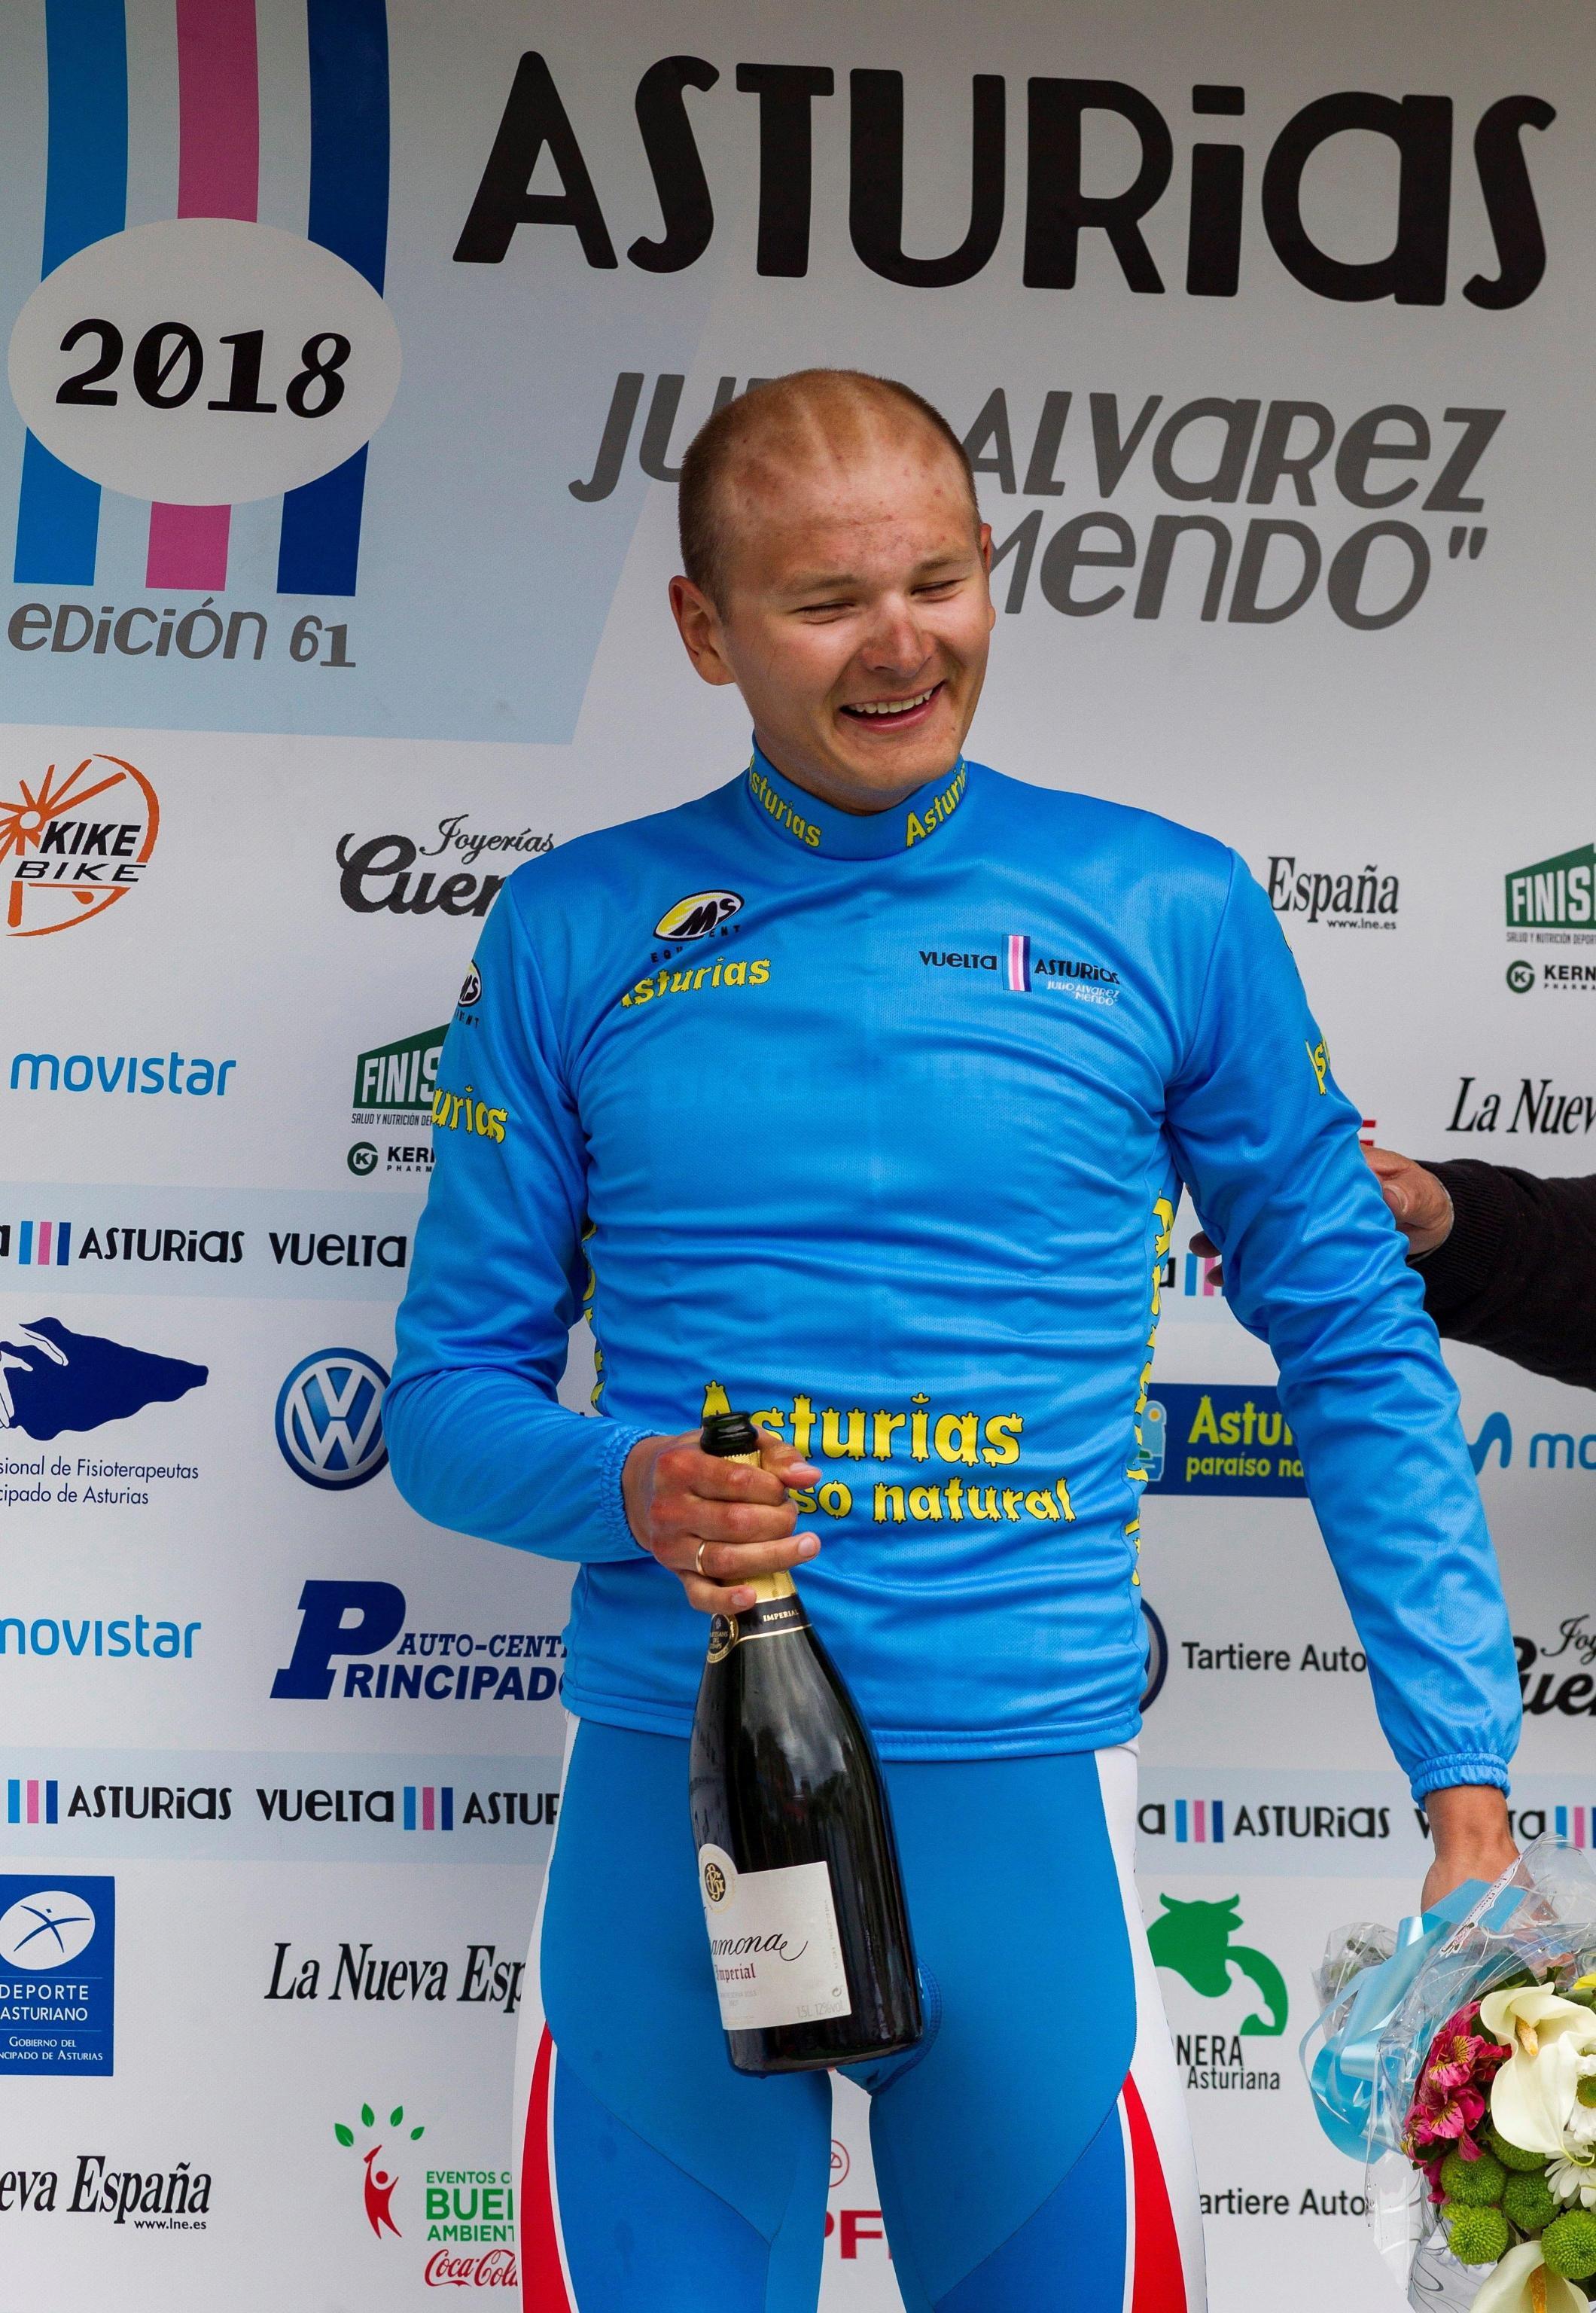 Dmitriy Strakhov (Ciclismo - Gazprom-RusVelo)